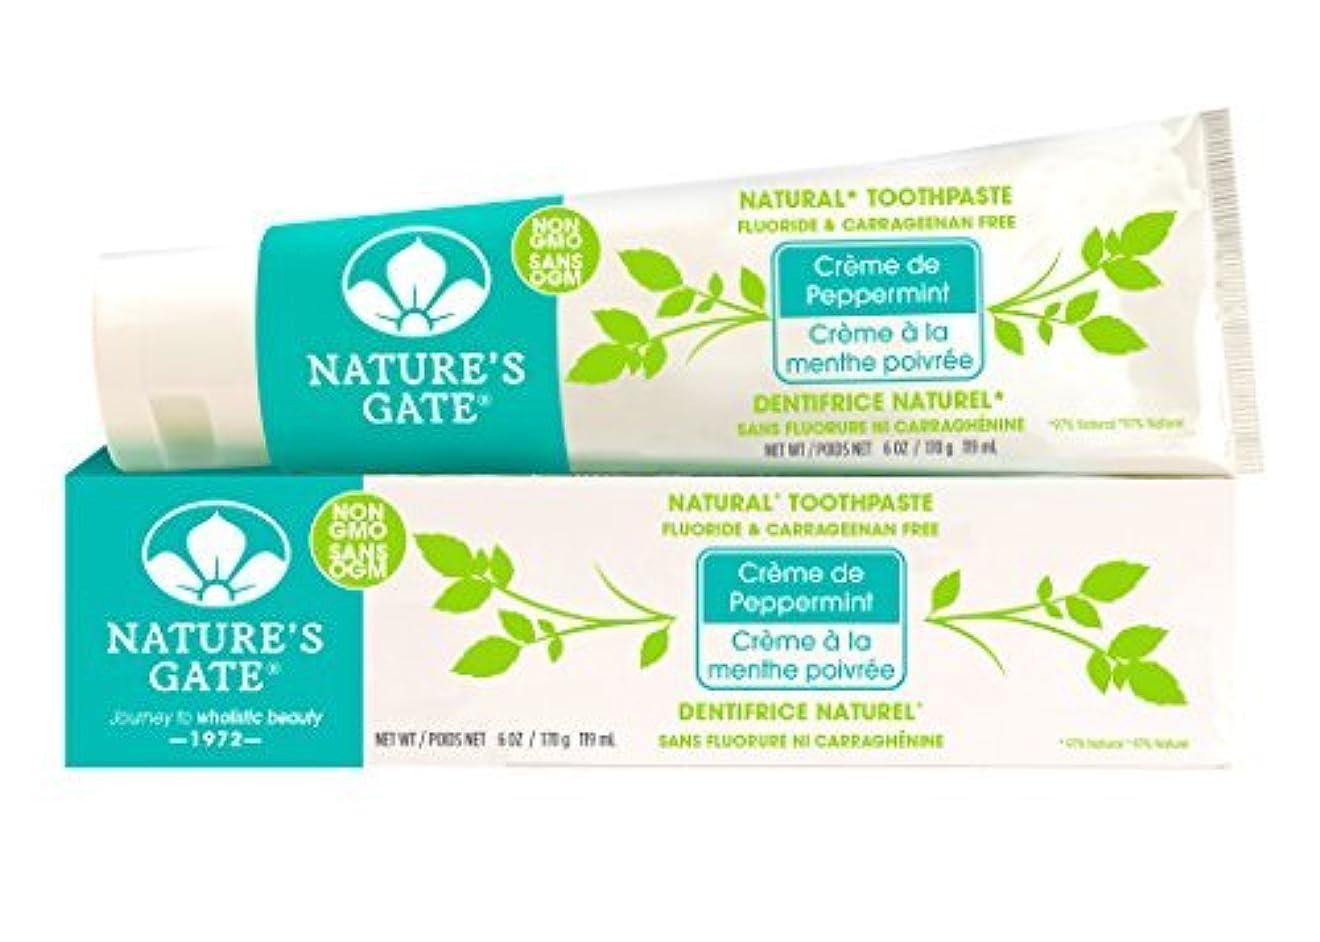 クライストチャーチスタジオ飢饉Nature's Gate Natural Toothpaste, Creme de Peppermint, 6-Ounce Tubes (Pack of 6) by Nature's Gate [並行輸入品]